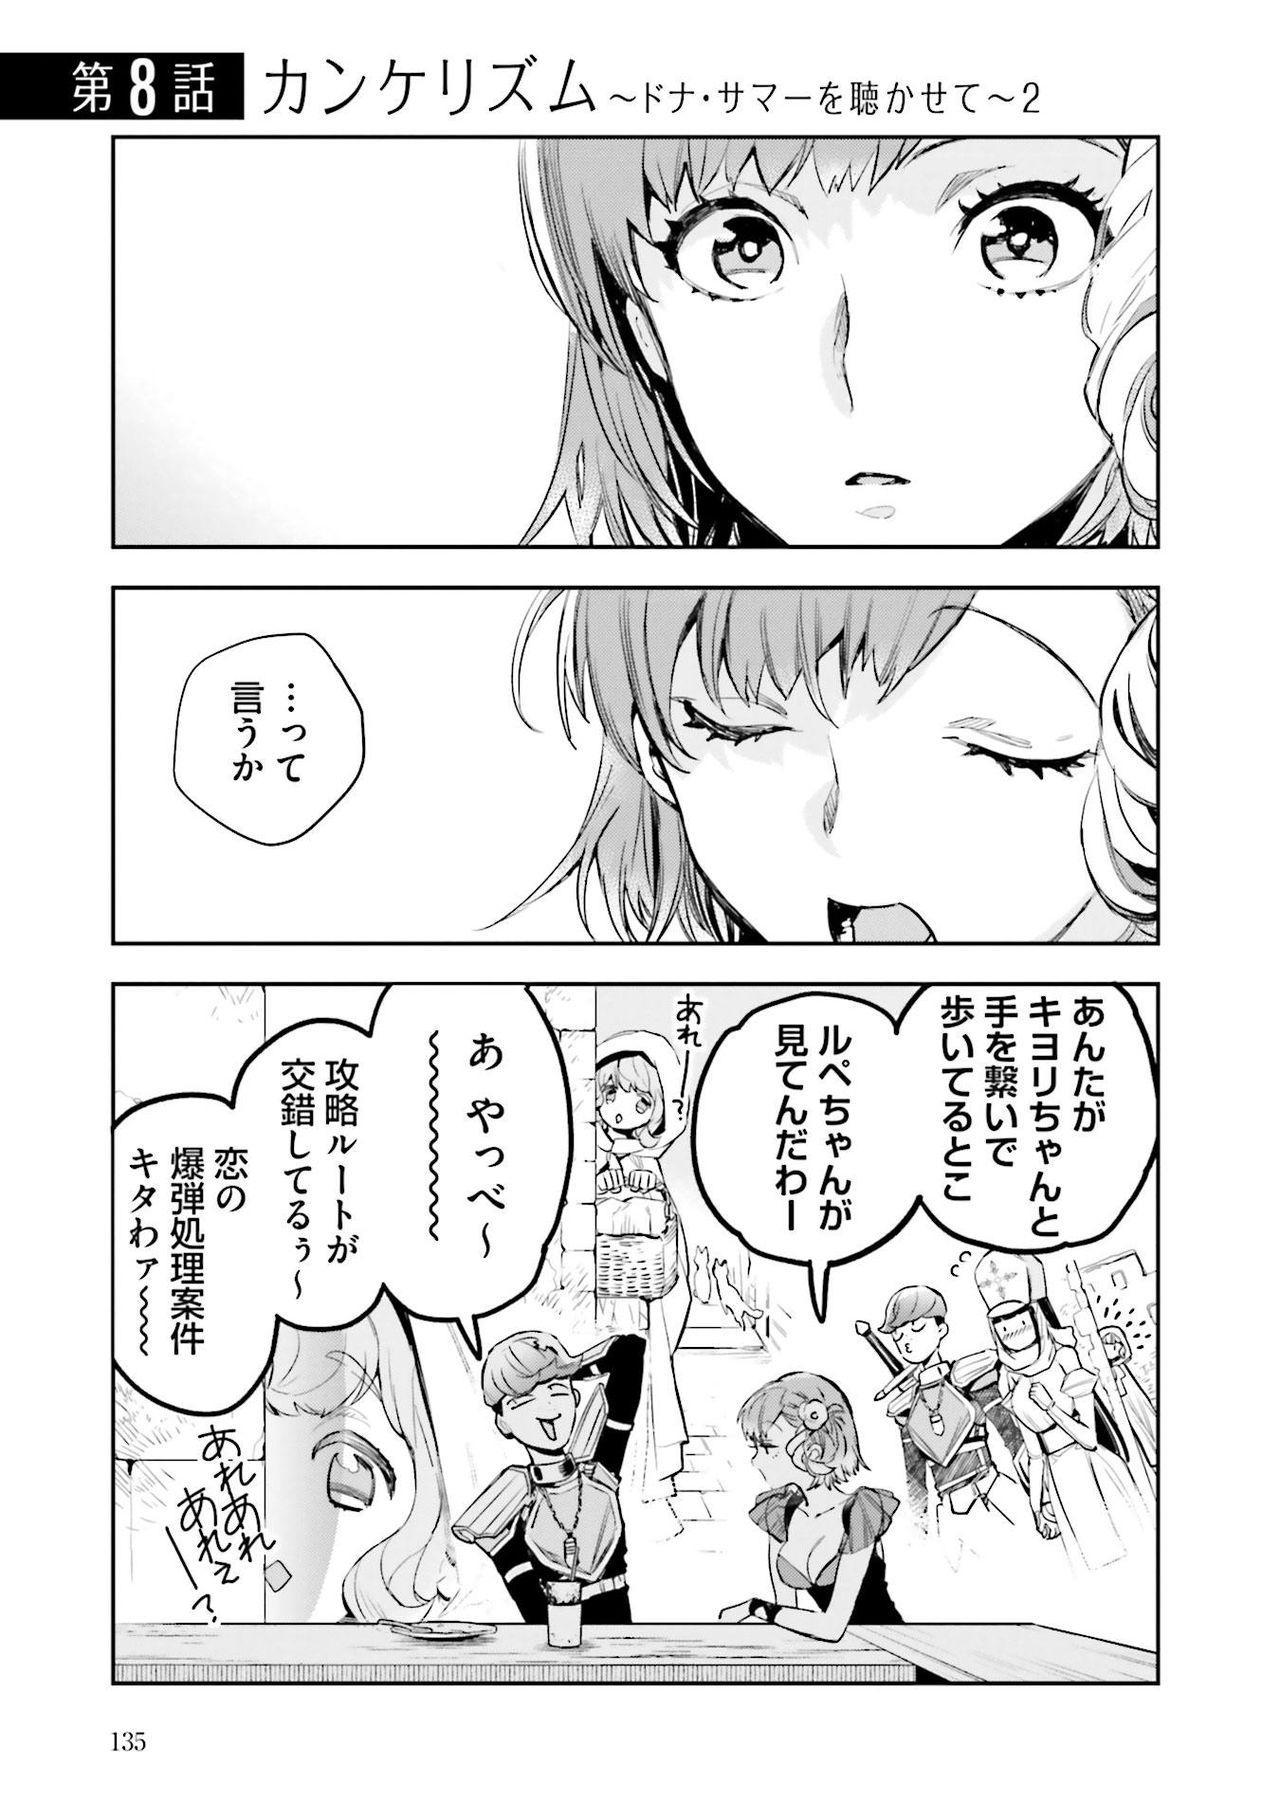 JK Haru wa Isekai de Shoufu ni Natta 1-14 323